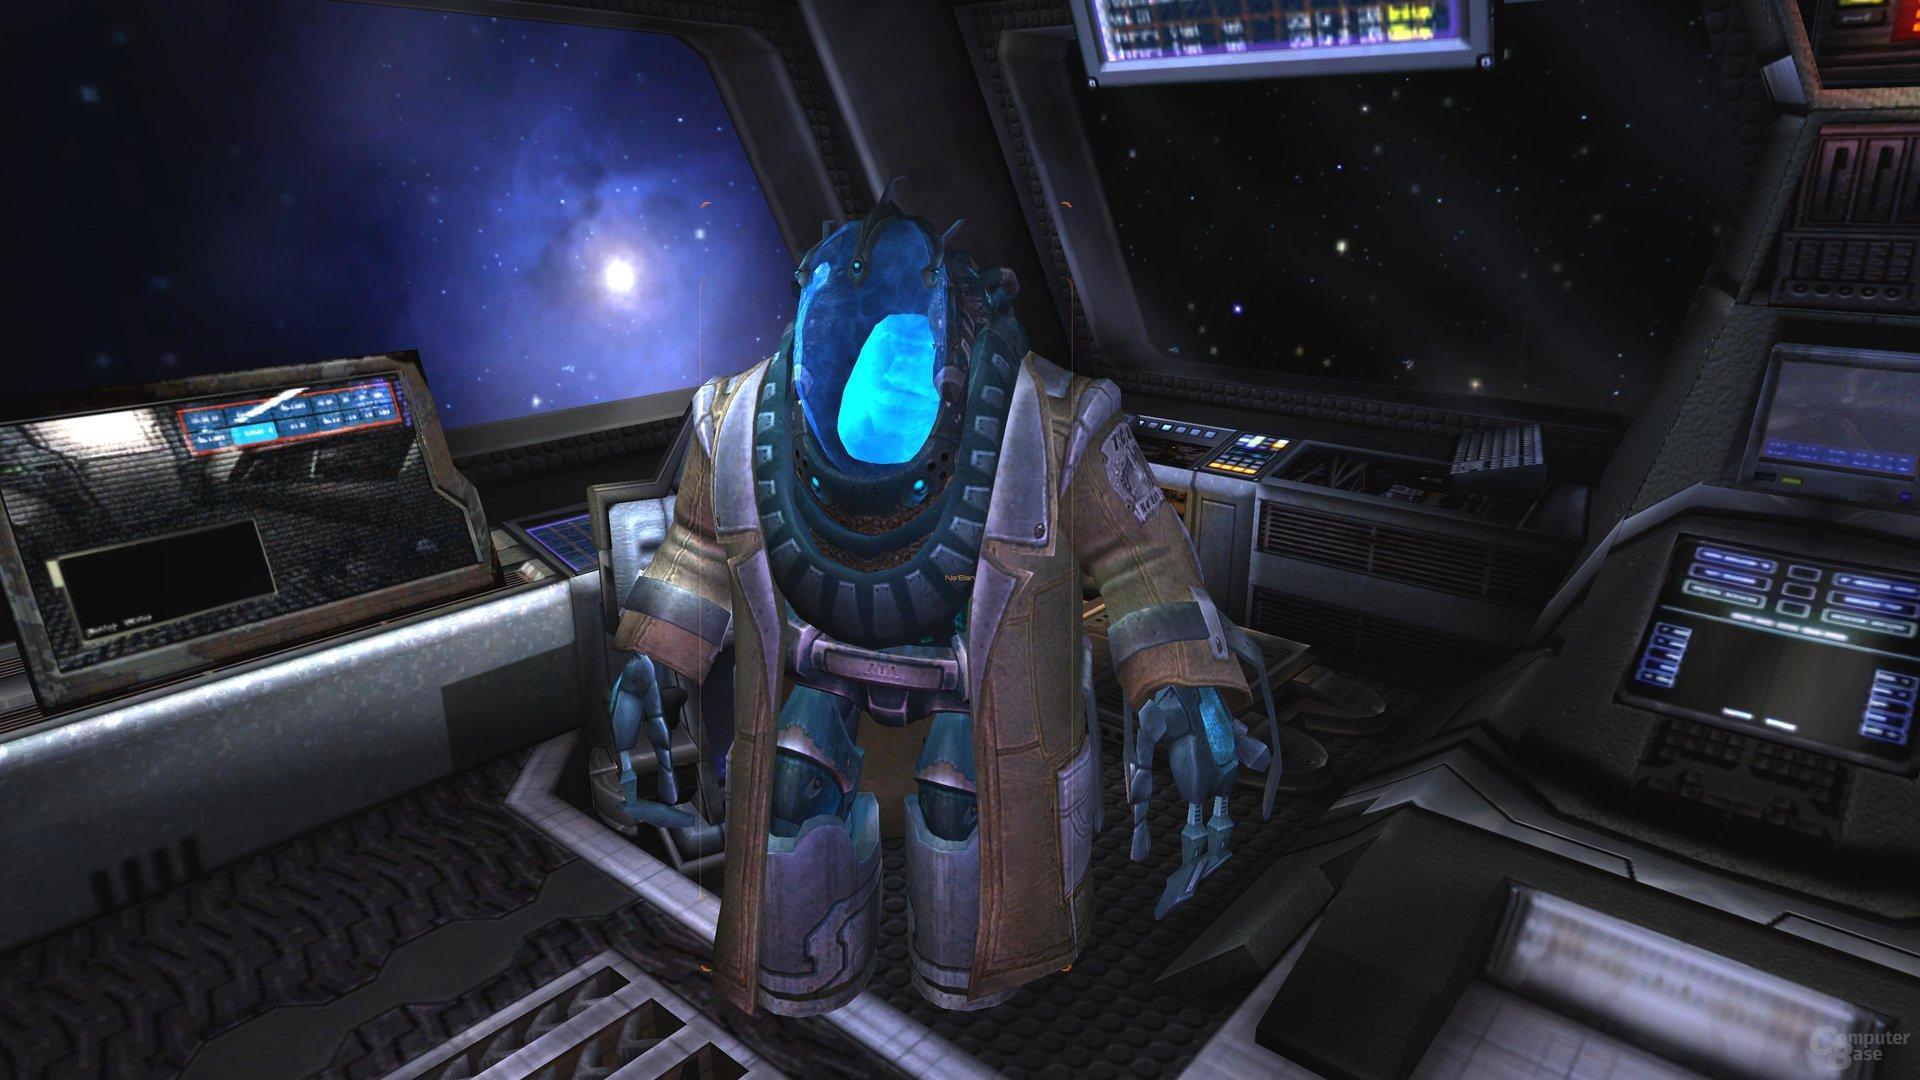 Der Alien-Pilot ist tatsächlich unterhaltsam